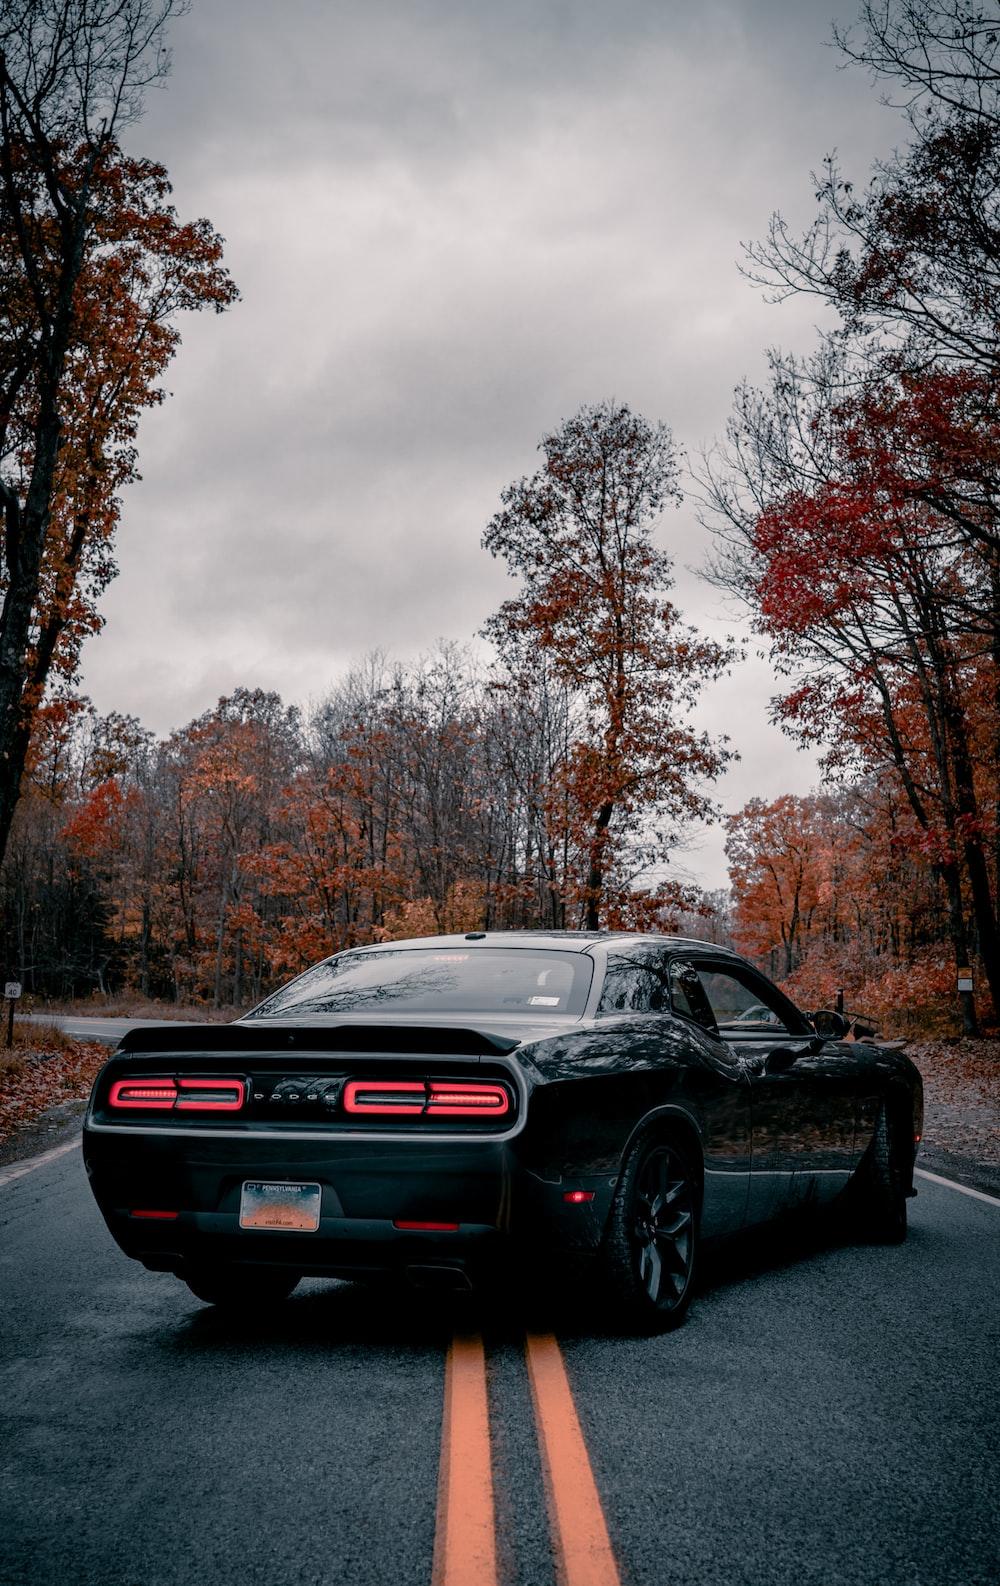 black bmw m 3 on road during daytime